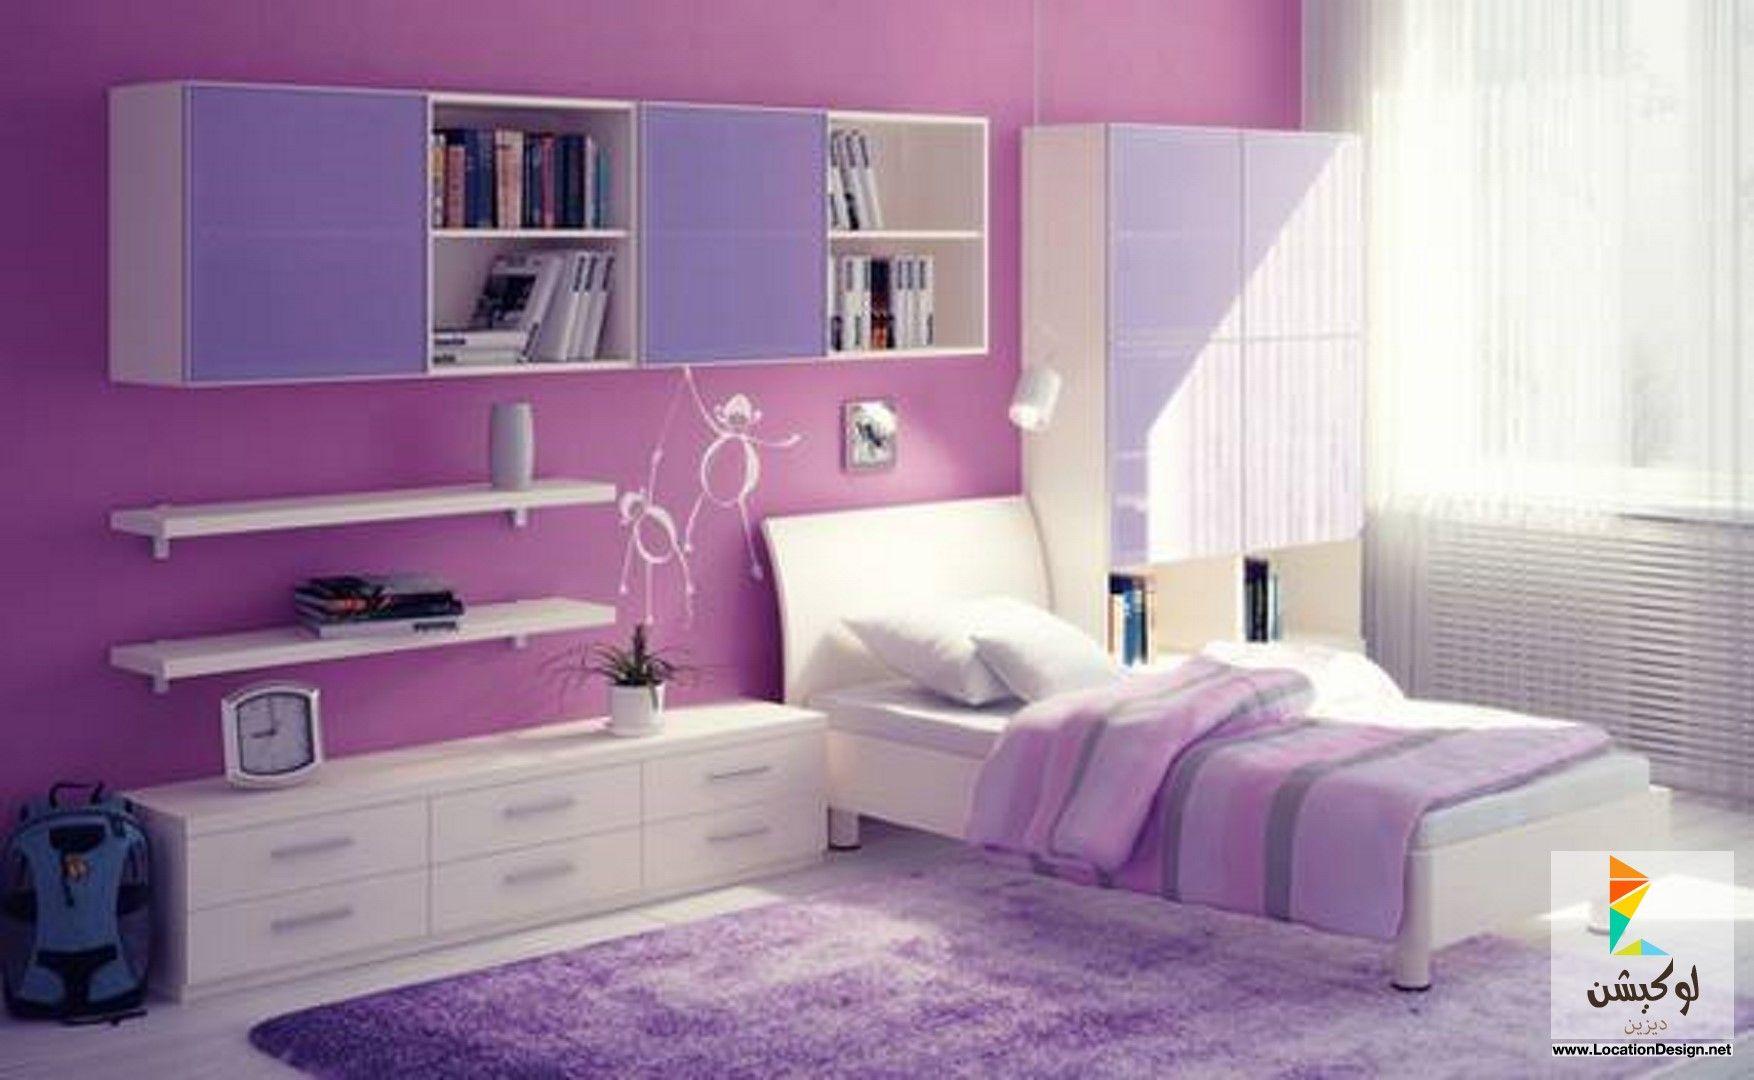 أفخم دهانات غرف نوم بنات باللون الموف لوكيشن ديزاين تصميمات ديكورات أفكار جديدة مصر Purple Bedroom Design Purple Girls Room Girl Room